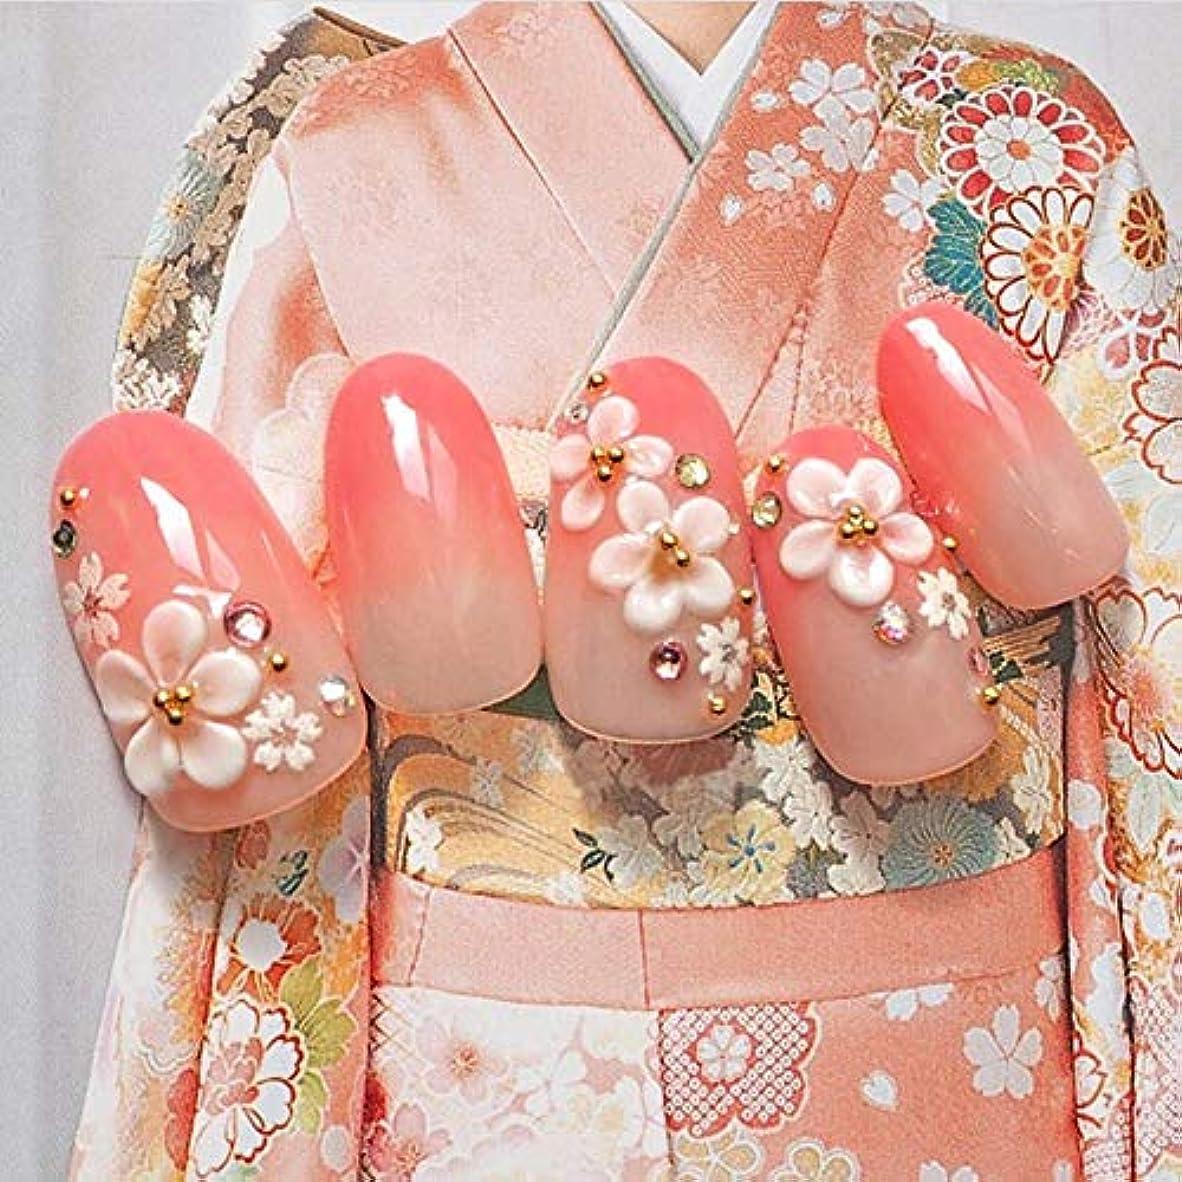 であること不潔説明的XUTXZKA 装飾された24ピースファッション長い偽爪ヒントオーバルピンクグラデーション花